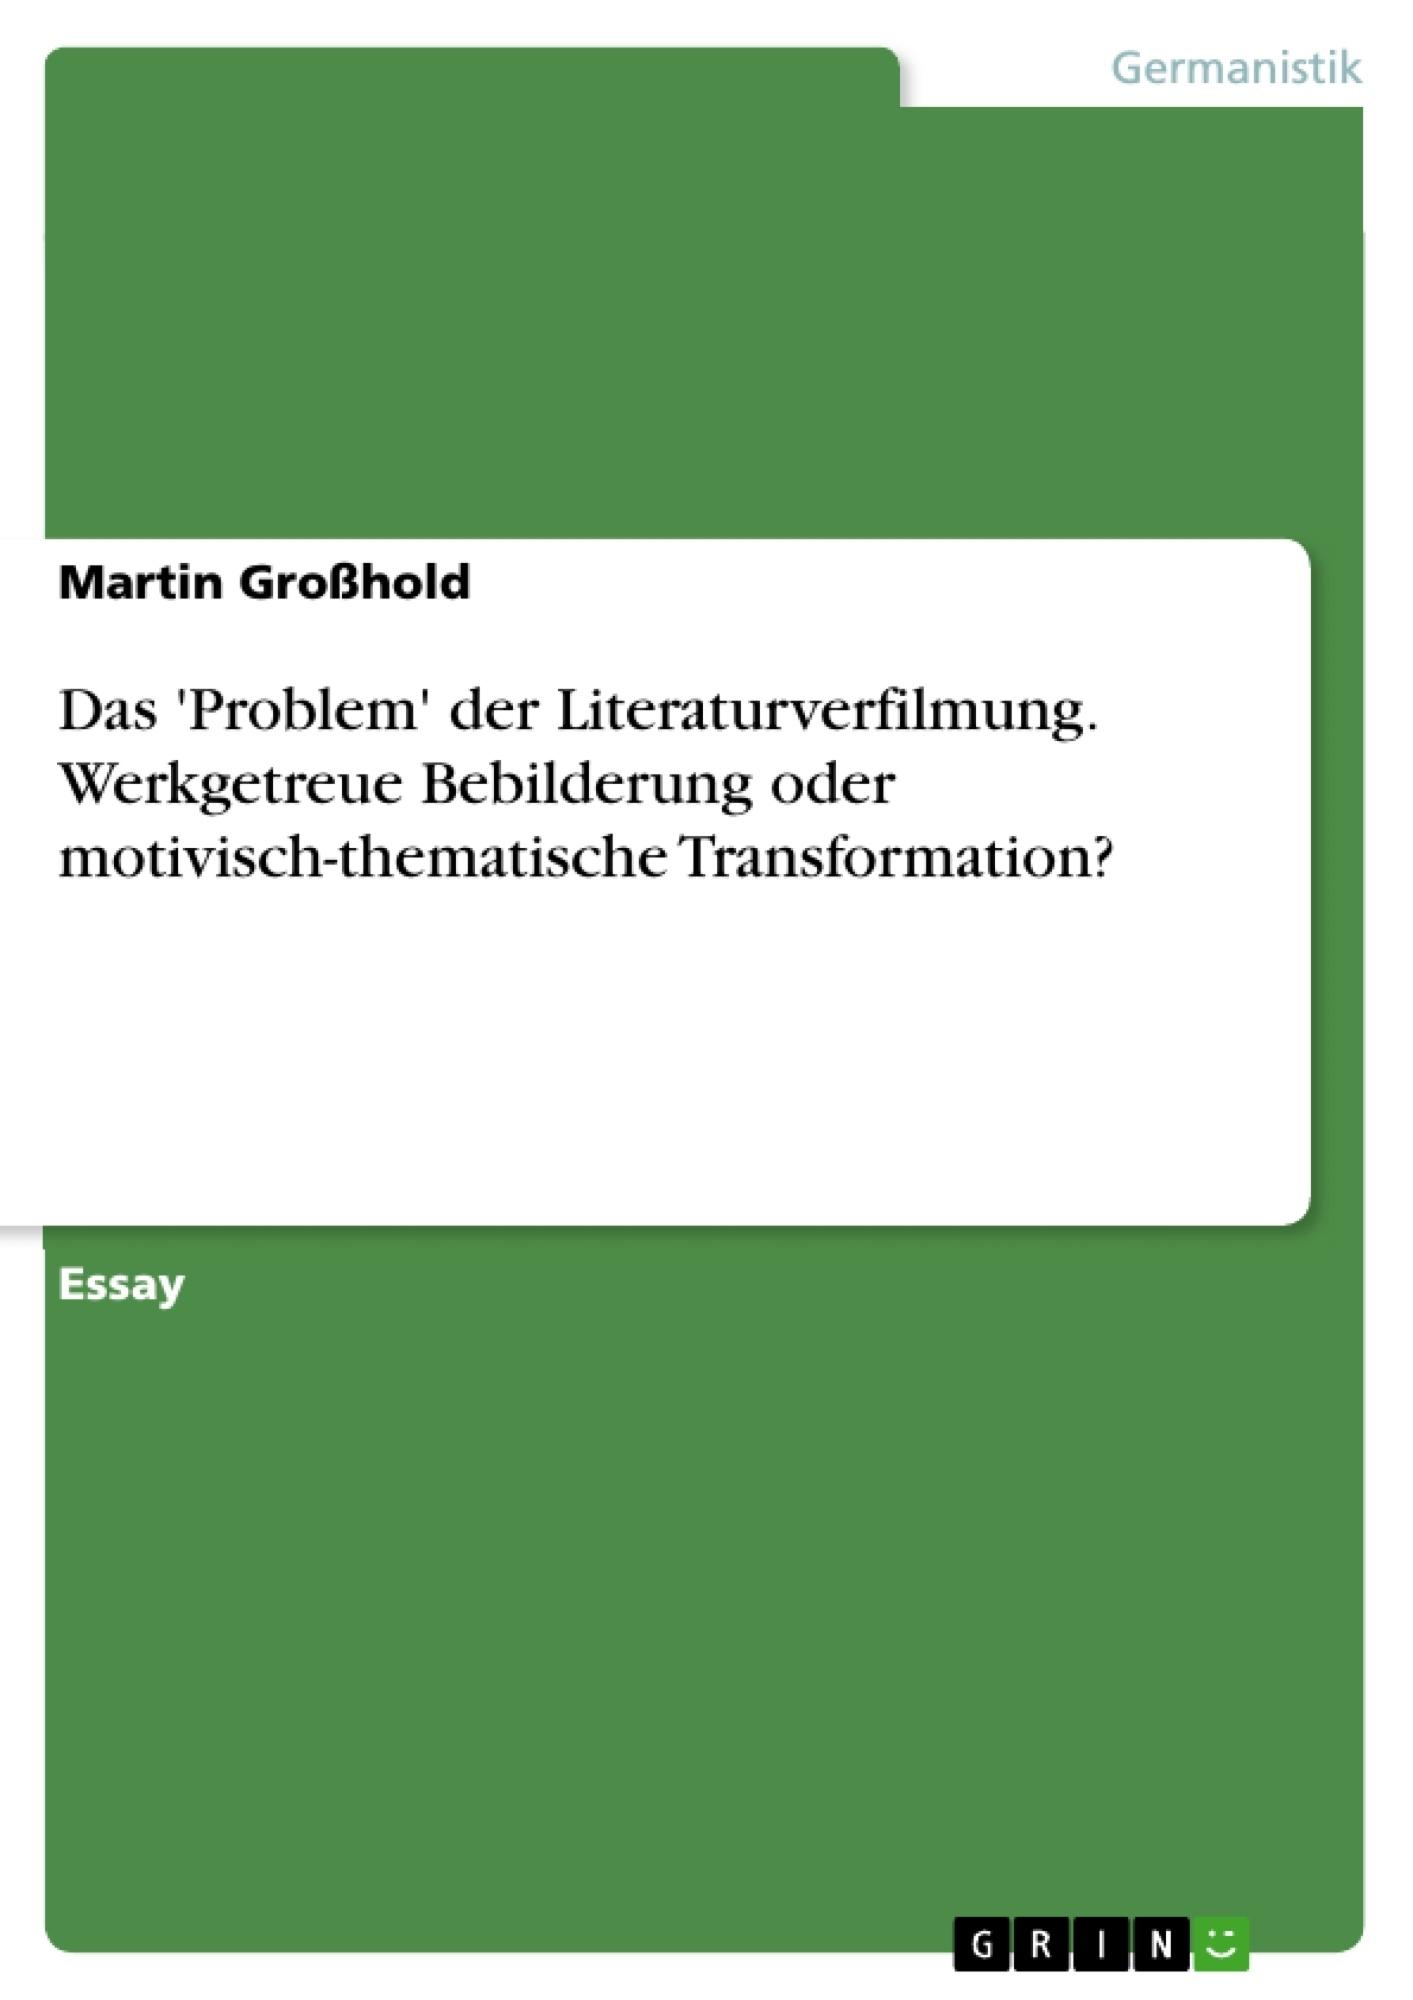 Titel: Das 'Problem' der Literaturverfilmung. Werkgetreue Bebilderung oder motivisch-thematische Transformation?